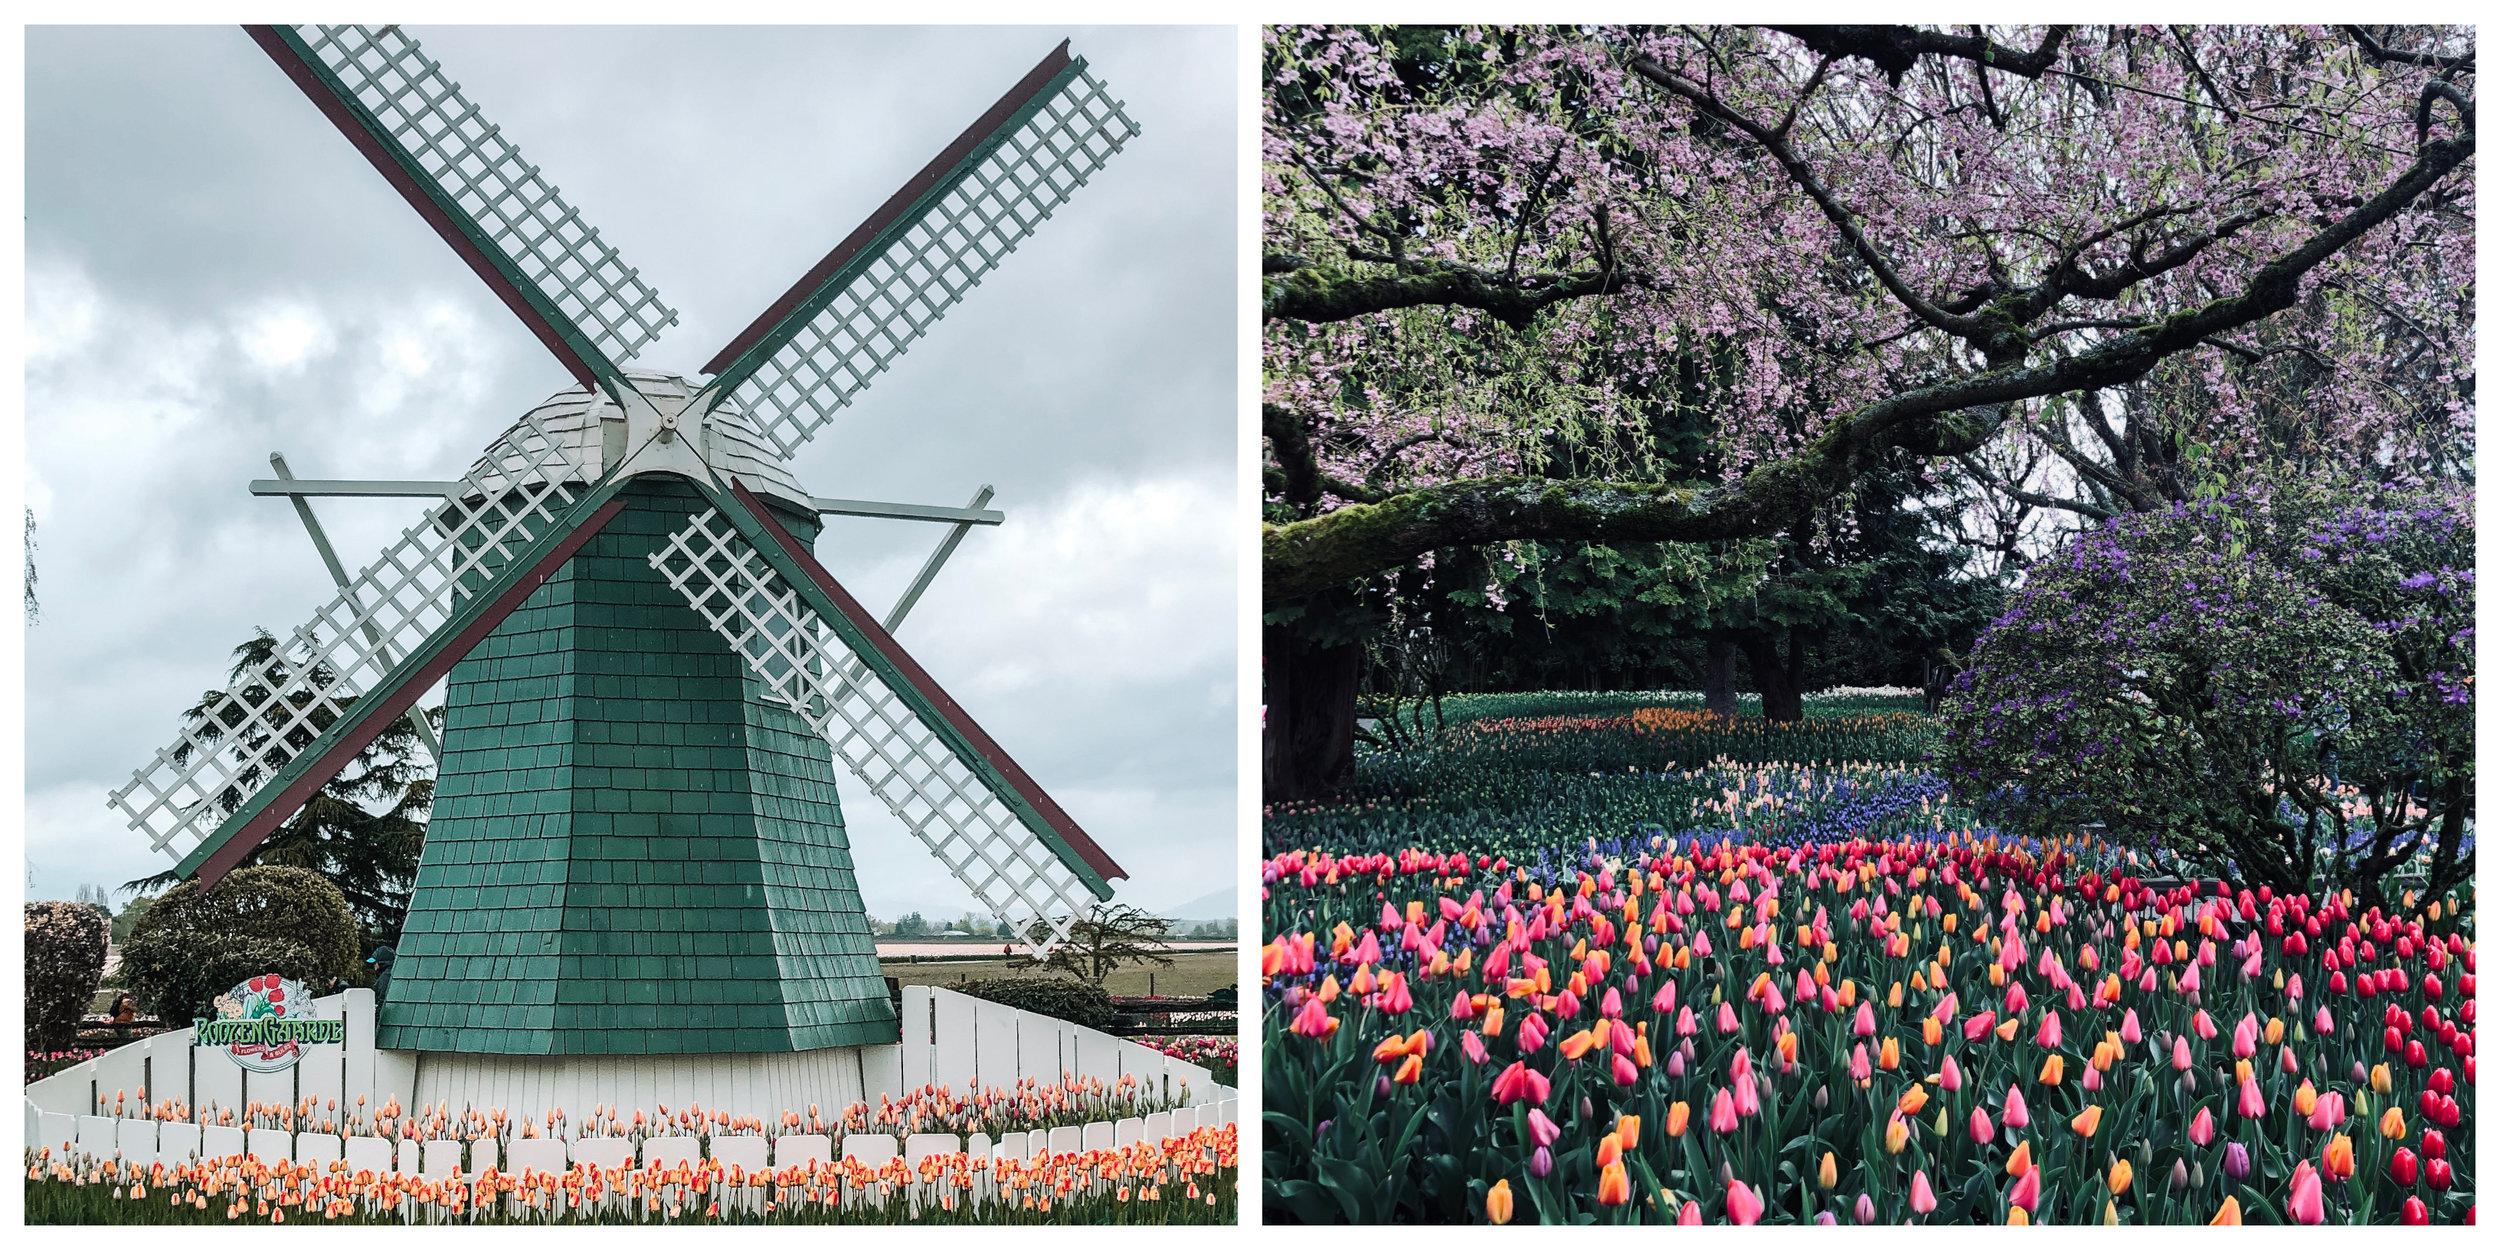 Roozengaarde Tulip Garden